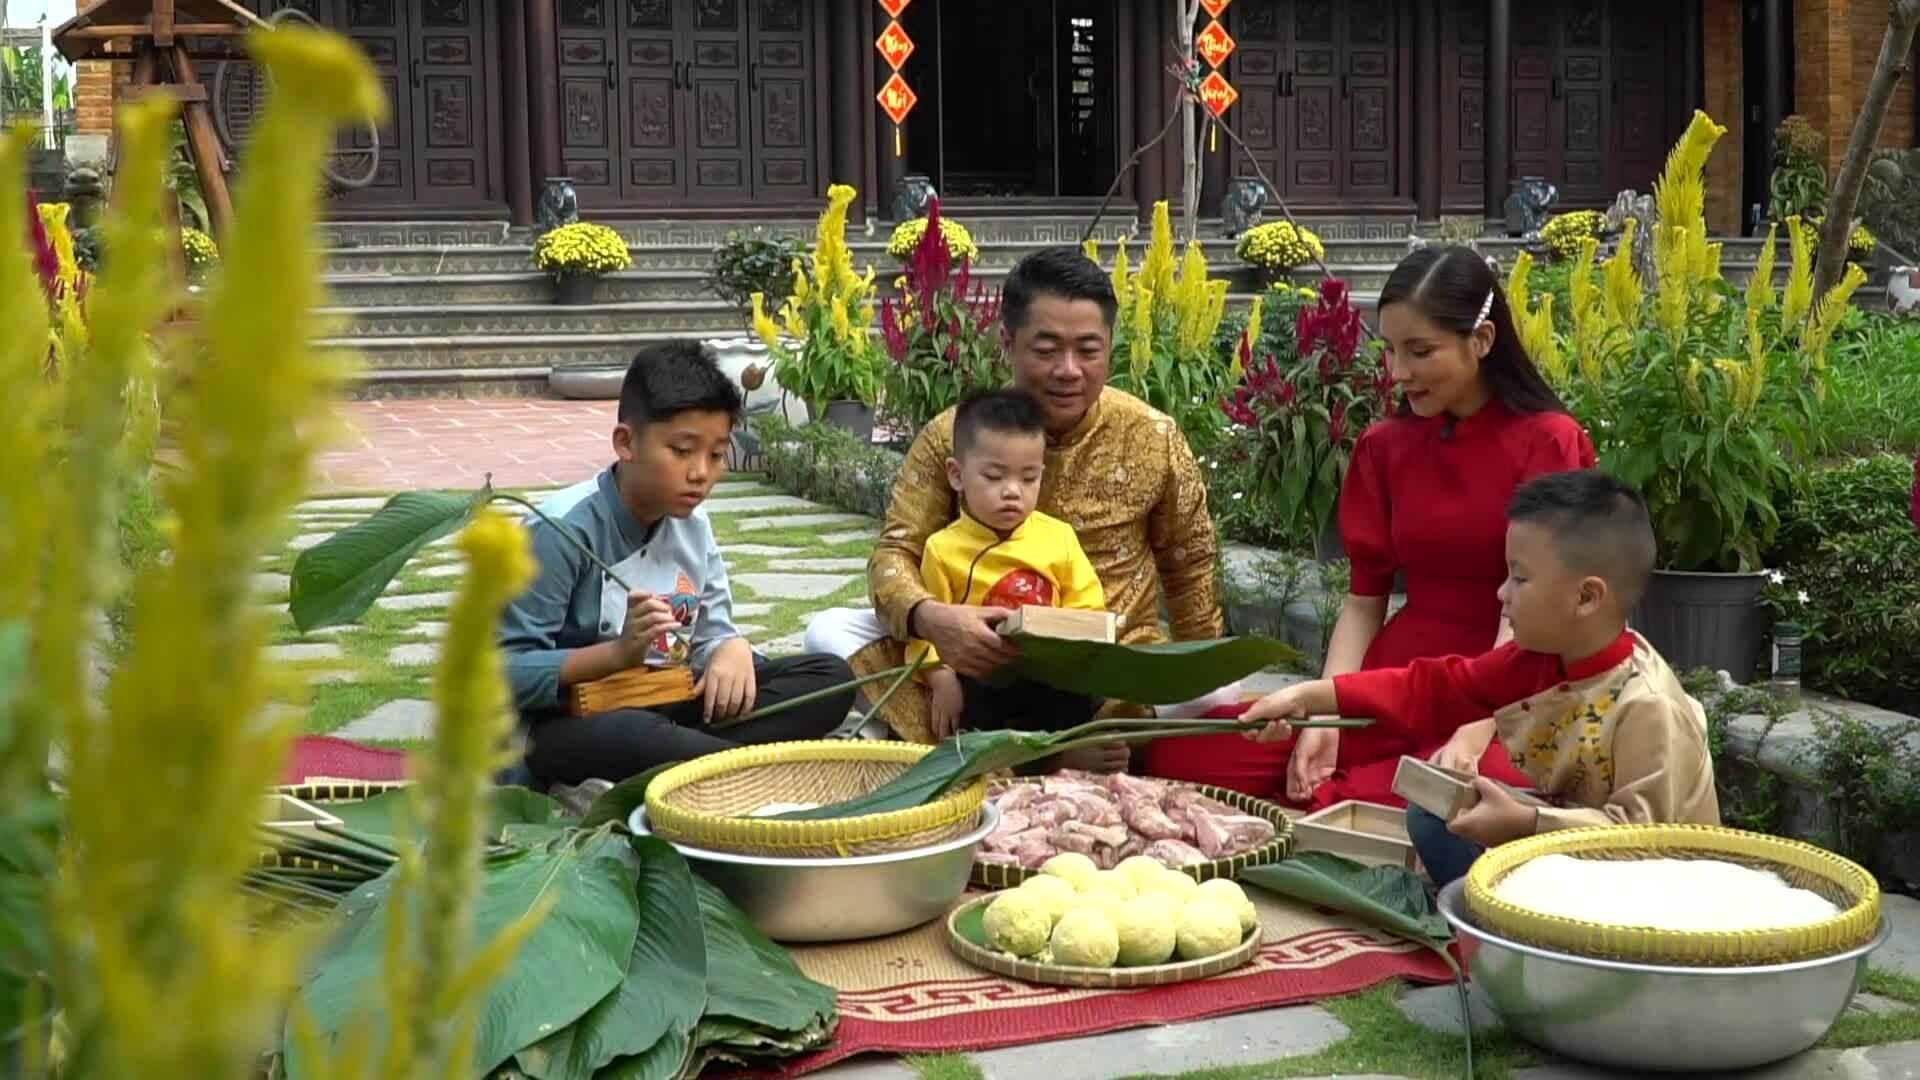 Vợ chồng Kiwi Ngô Mai Trang dạy con gói bánh chưng